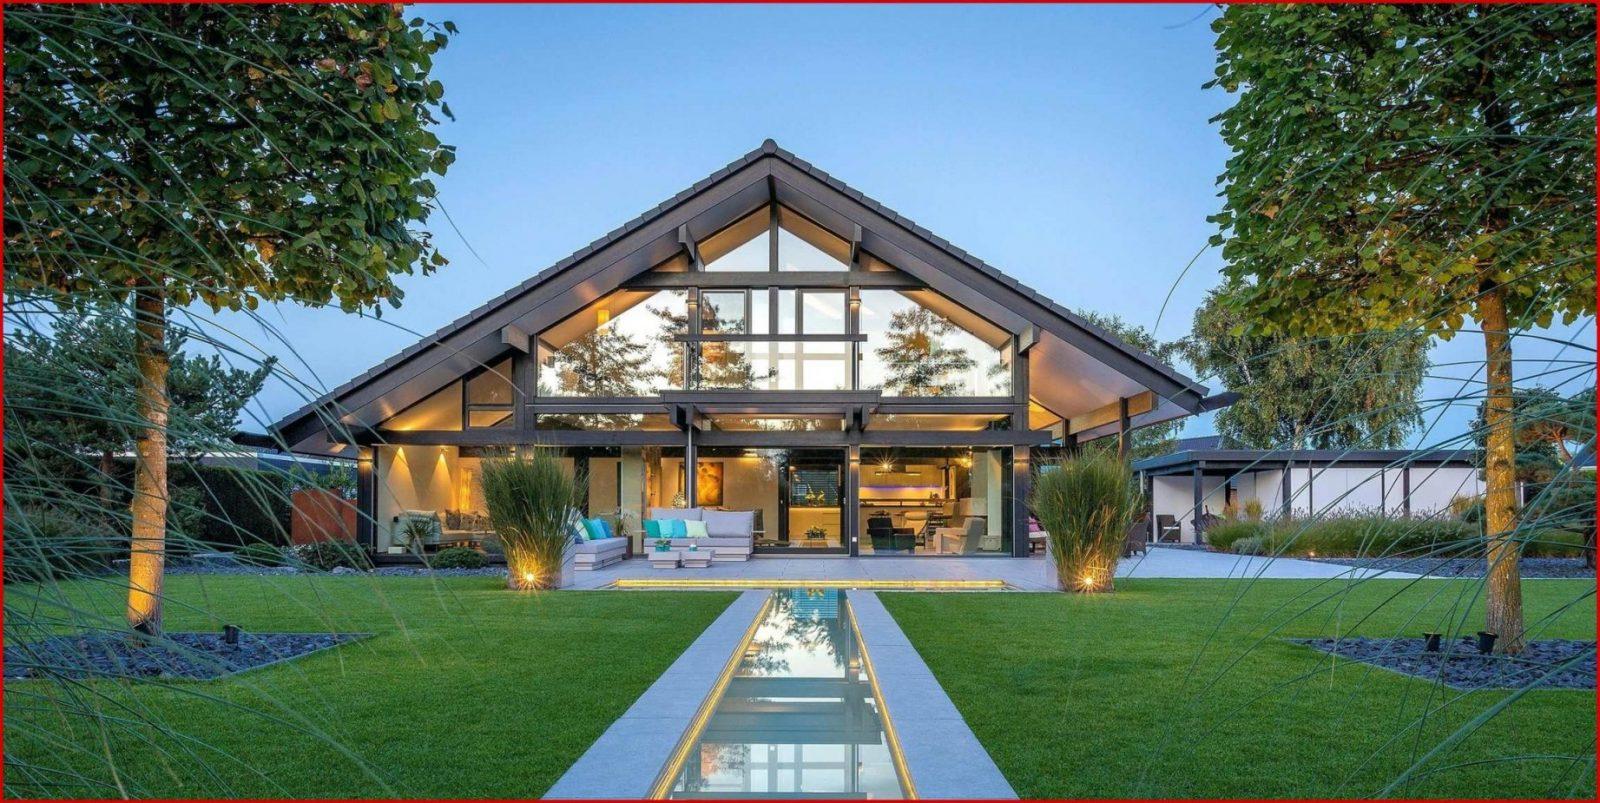 Kleines Haus Selber Bauen Kosten  Wohndesign von Haus Selber Bauen Kosten Photo